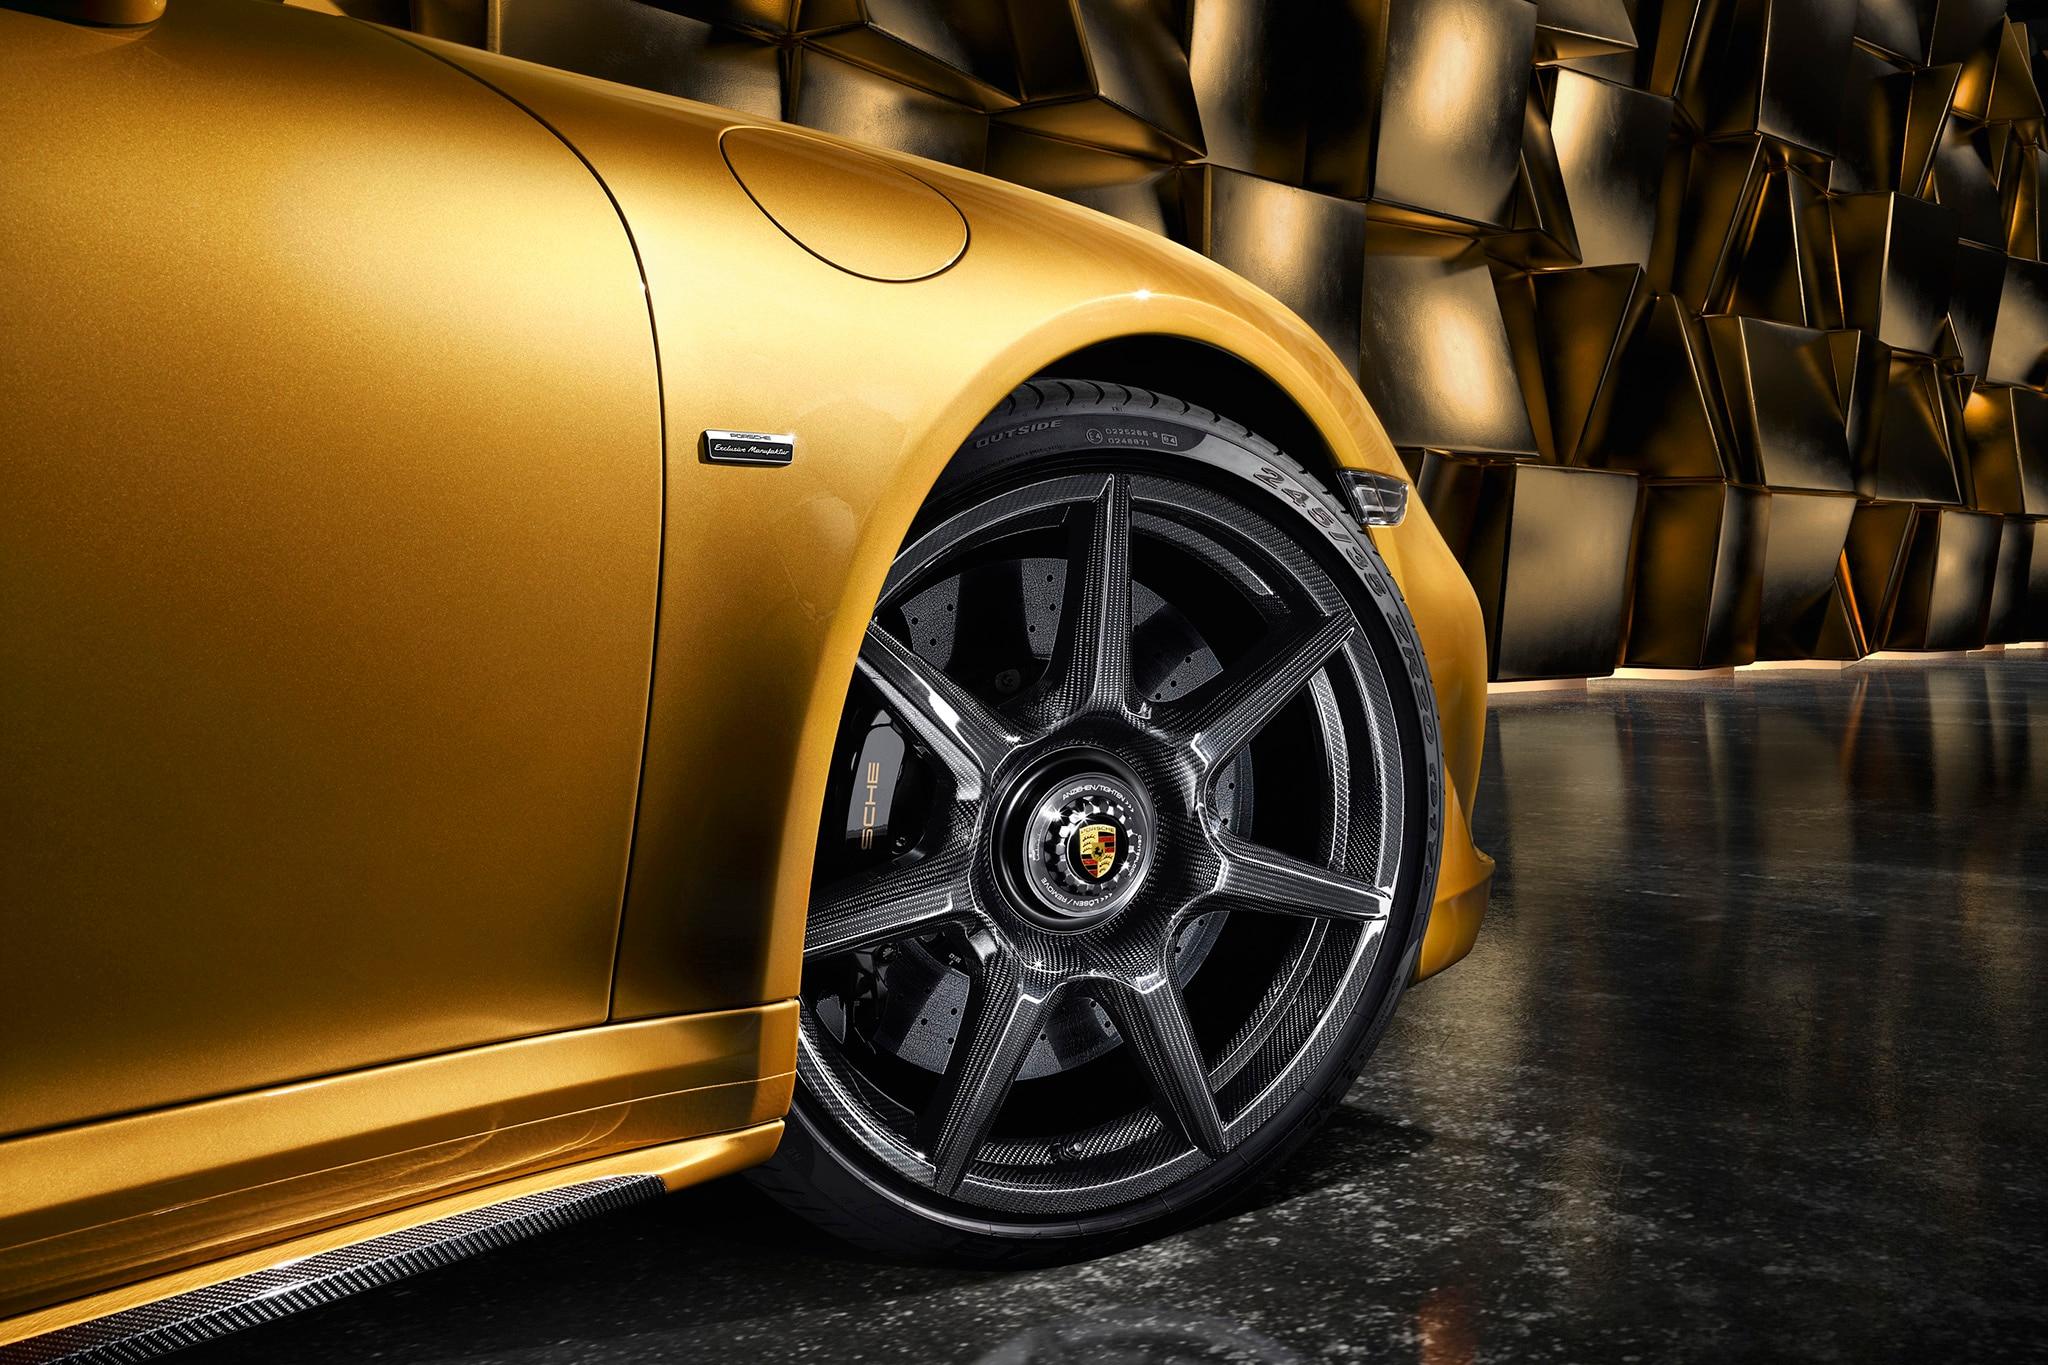 2018 porsche 911 gt2 rs revealed at goodwood automobile. Black Bedroom Furniture Sets. Home Design Ideas